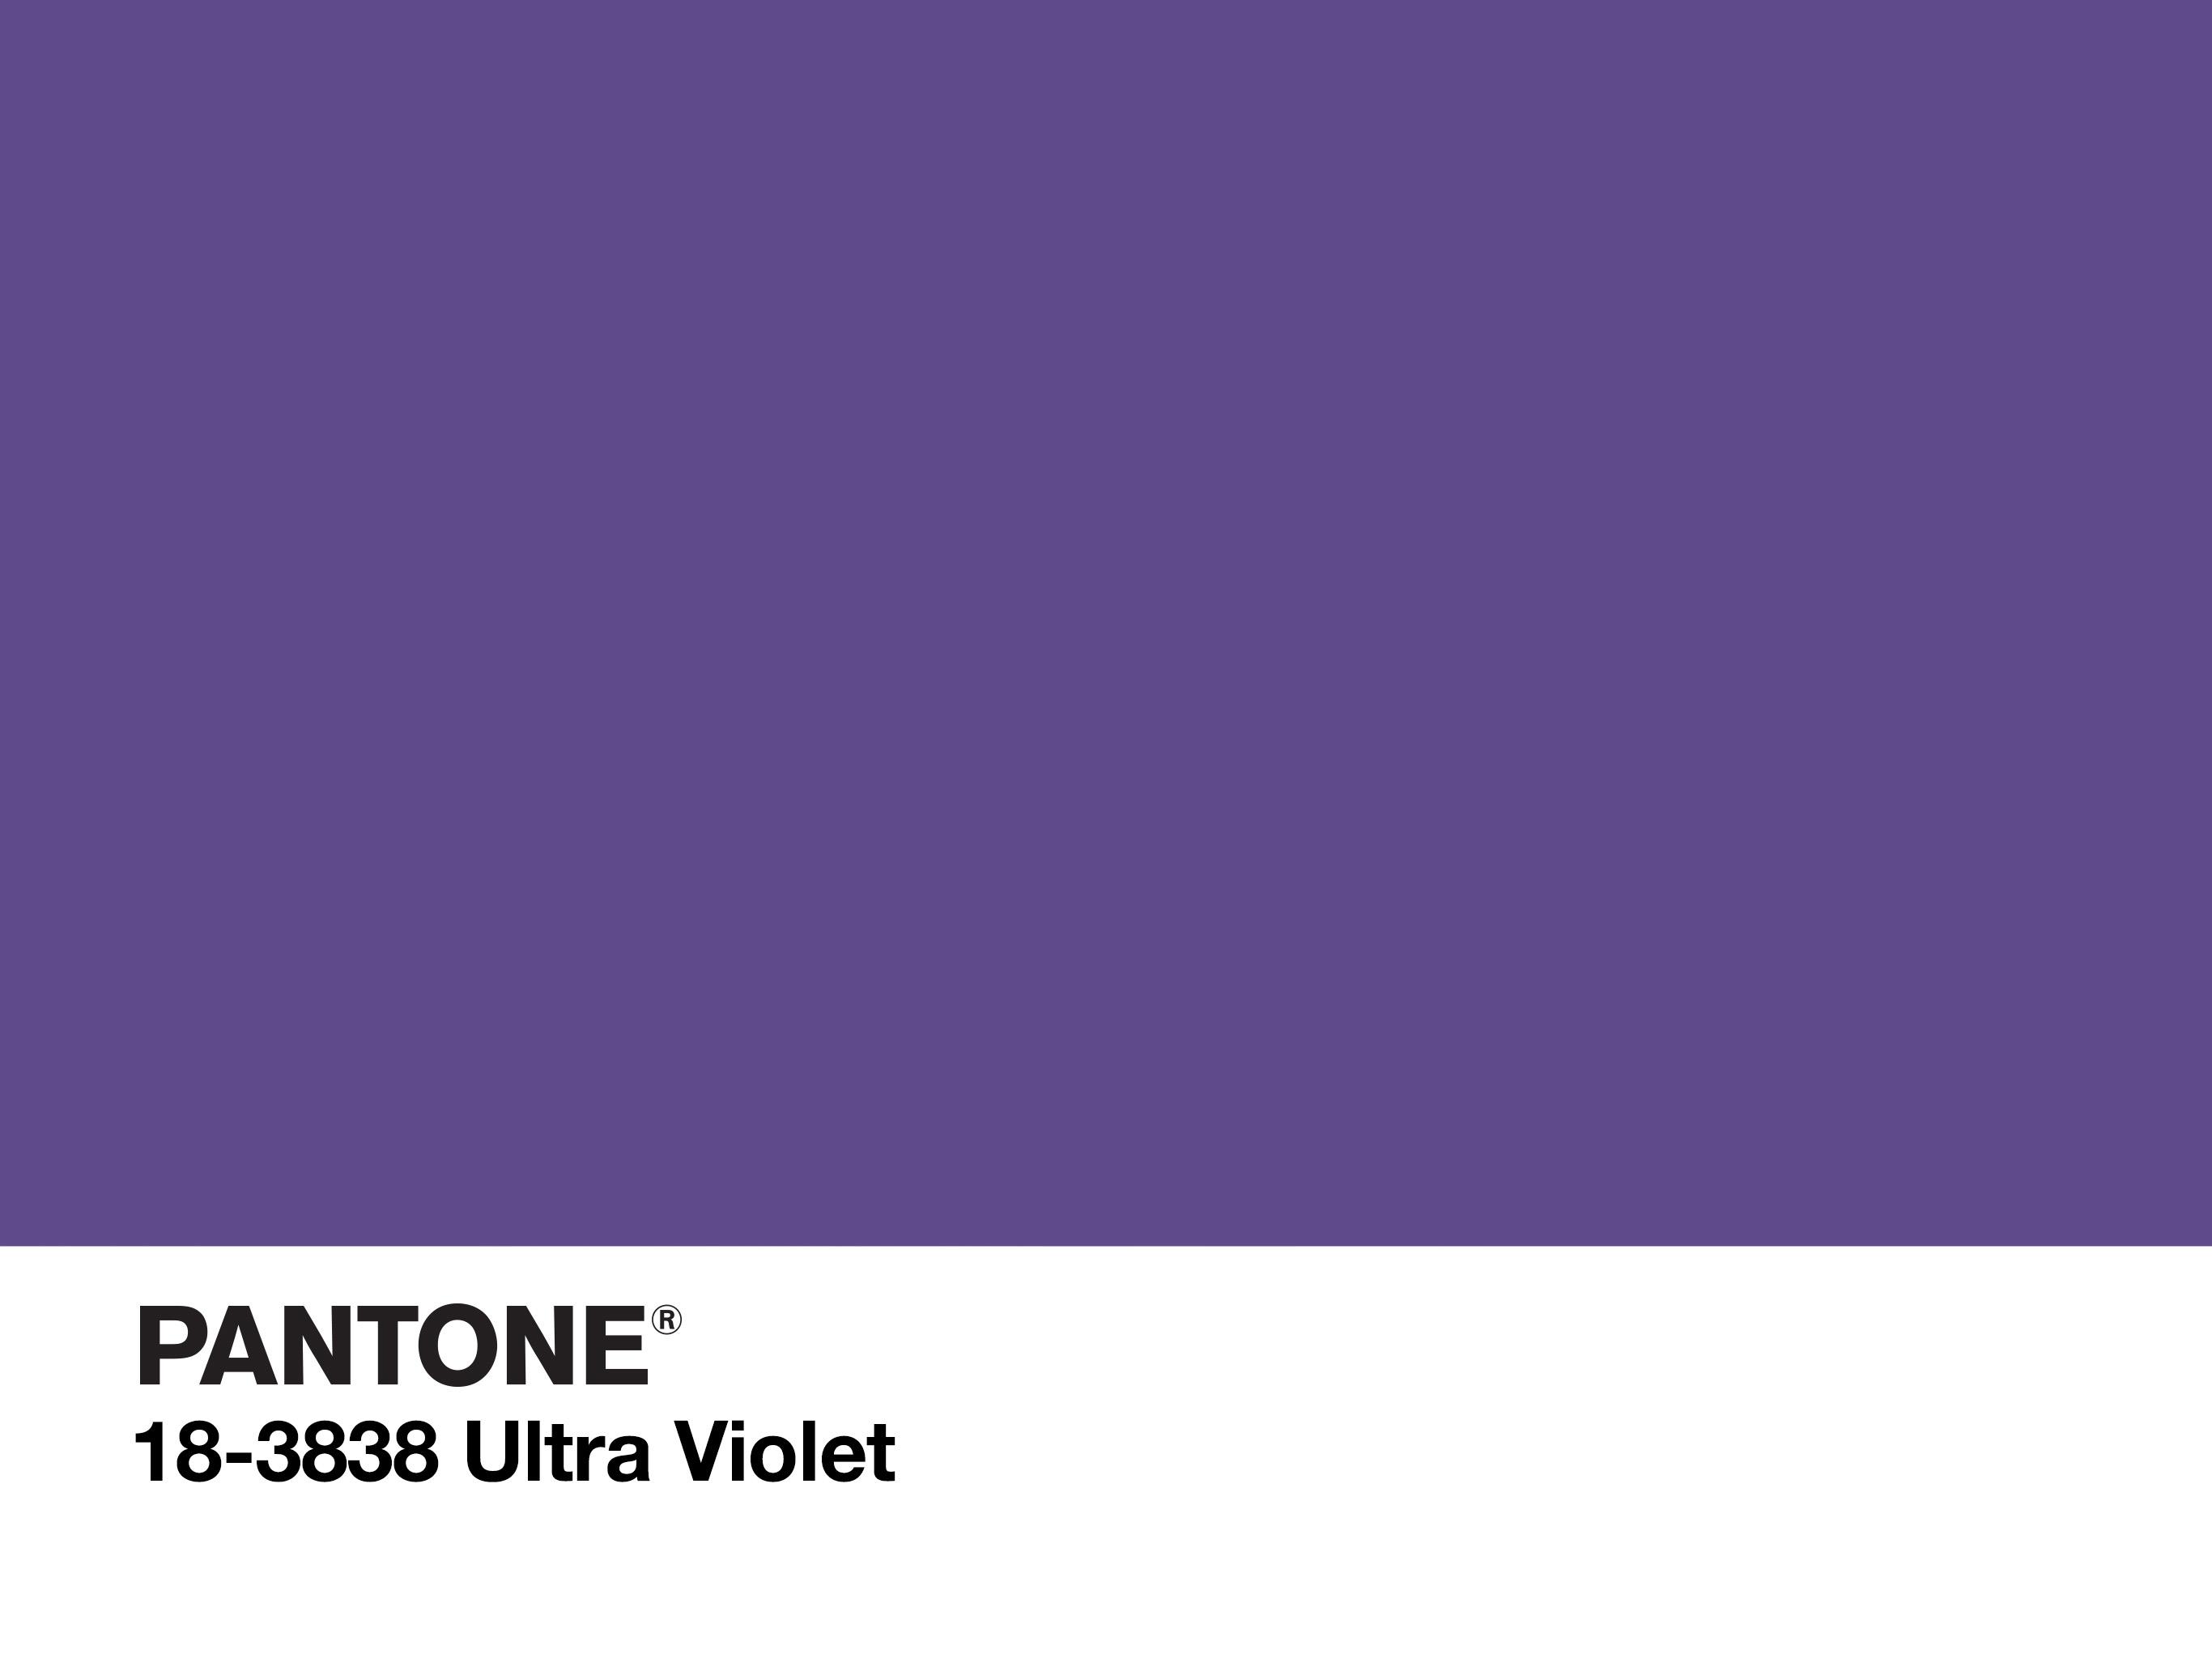 Pantone Digital Wallpaper